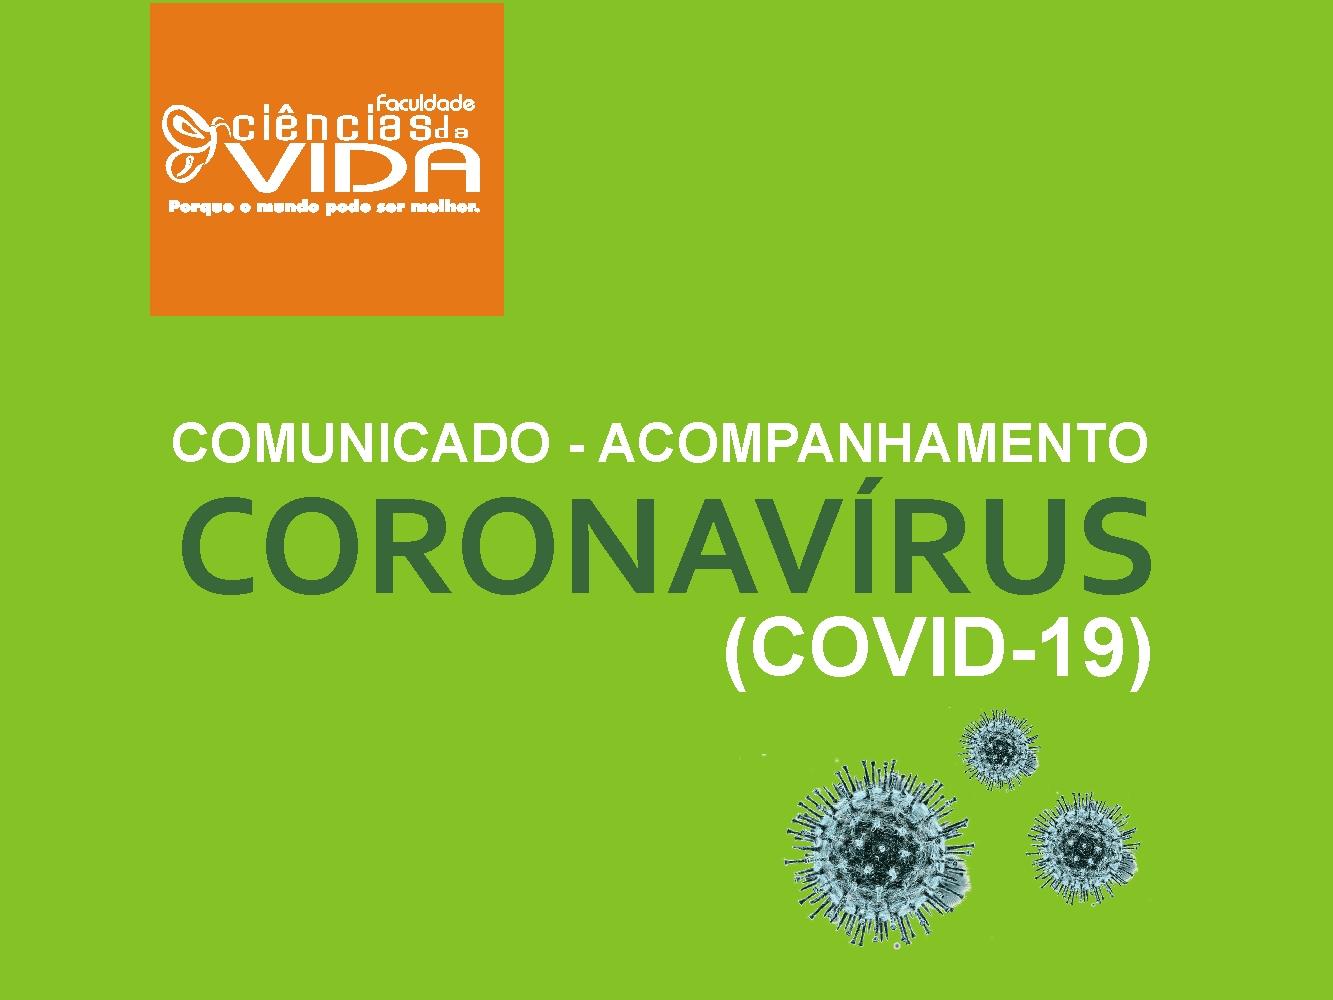 Comunicado atualizado da FCV em acompanhamento ao novo CORONAVÍRUS